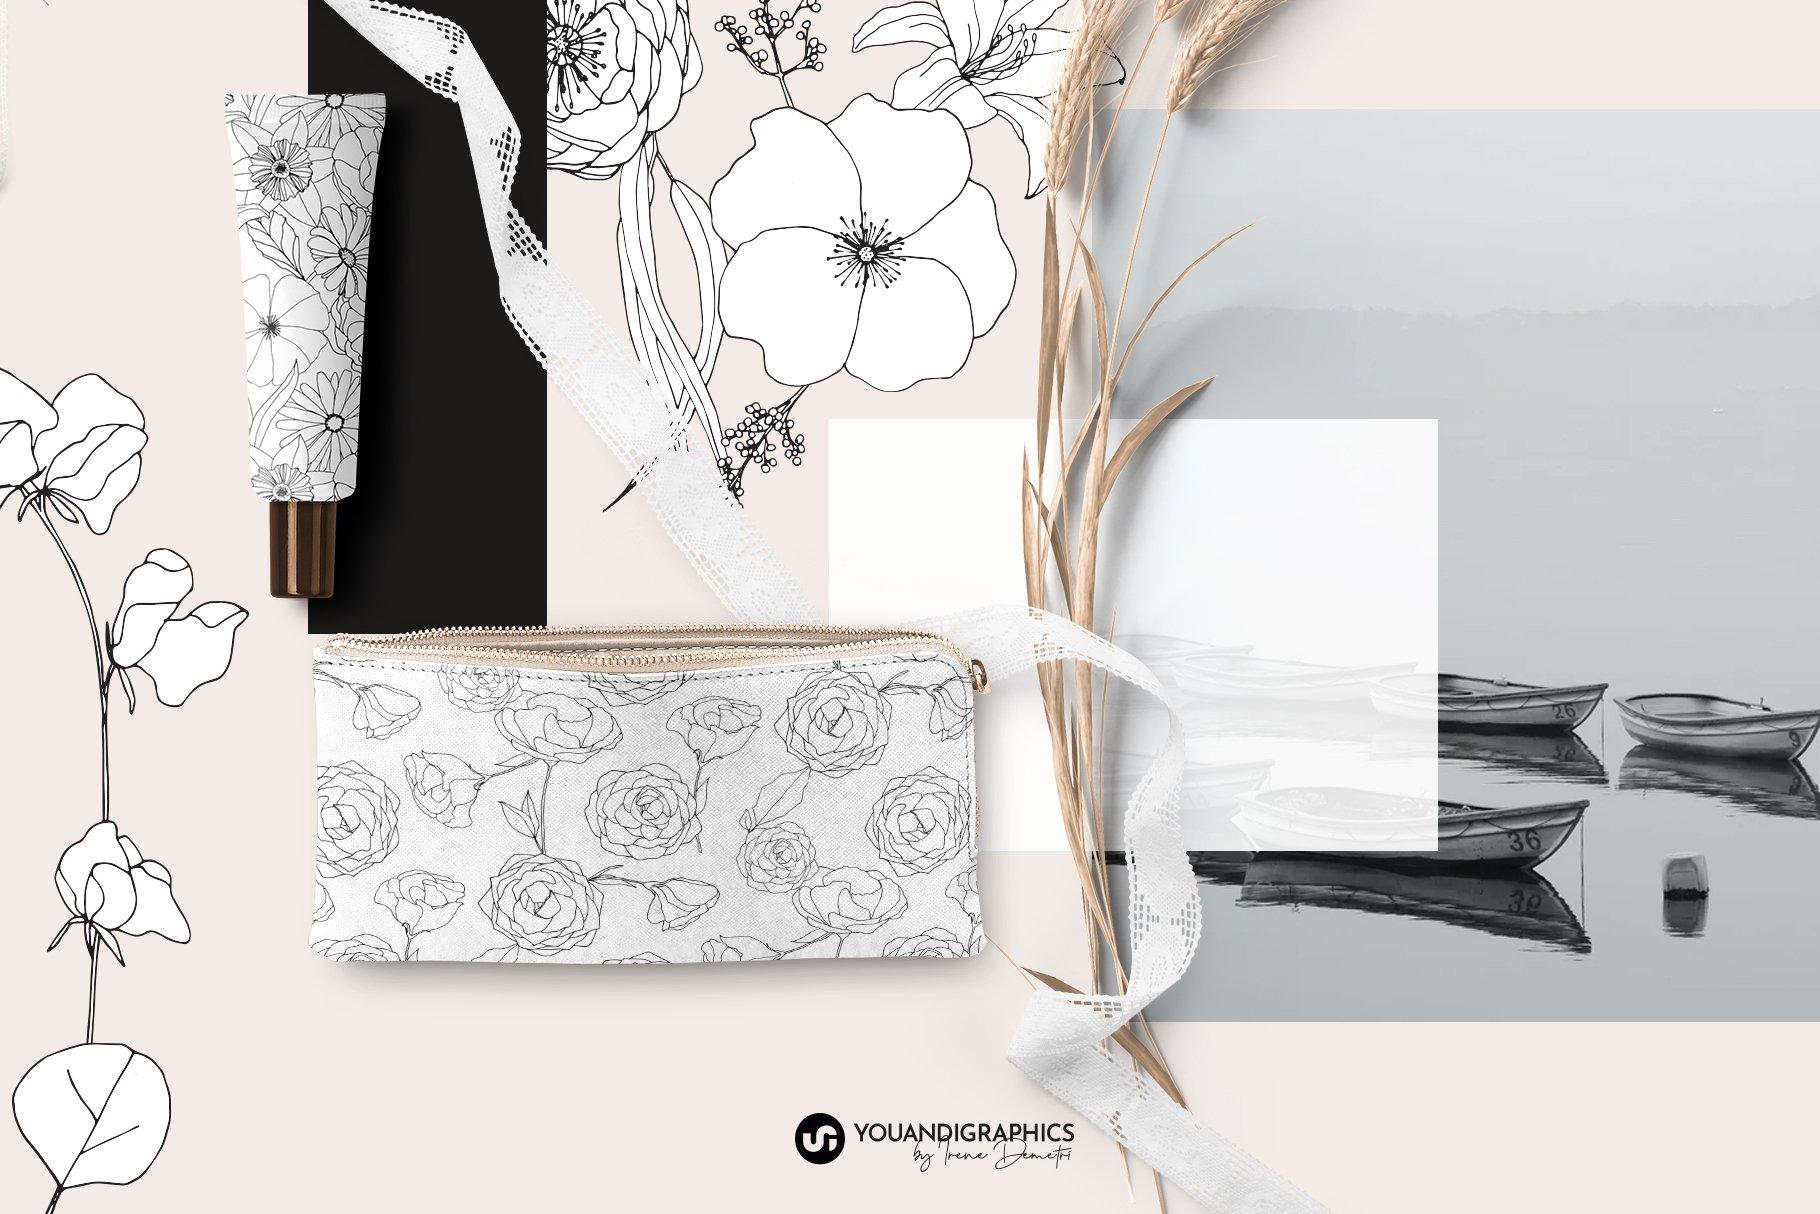 精美手绘花卉花朵无缝隙矢量线稿图案素材 Floral Blast Patterns And Bouquets插图(8)